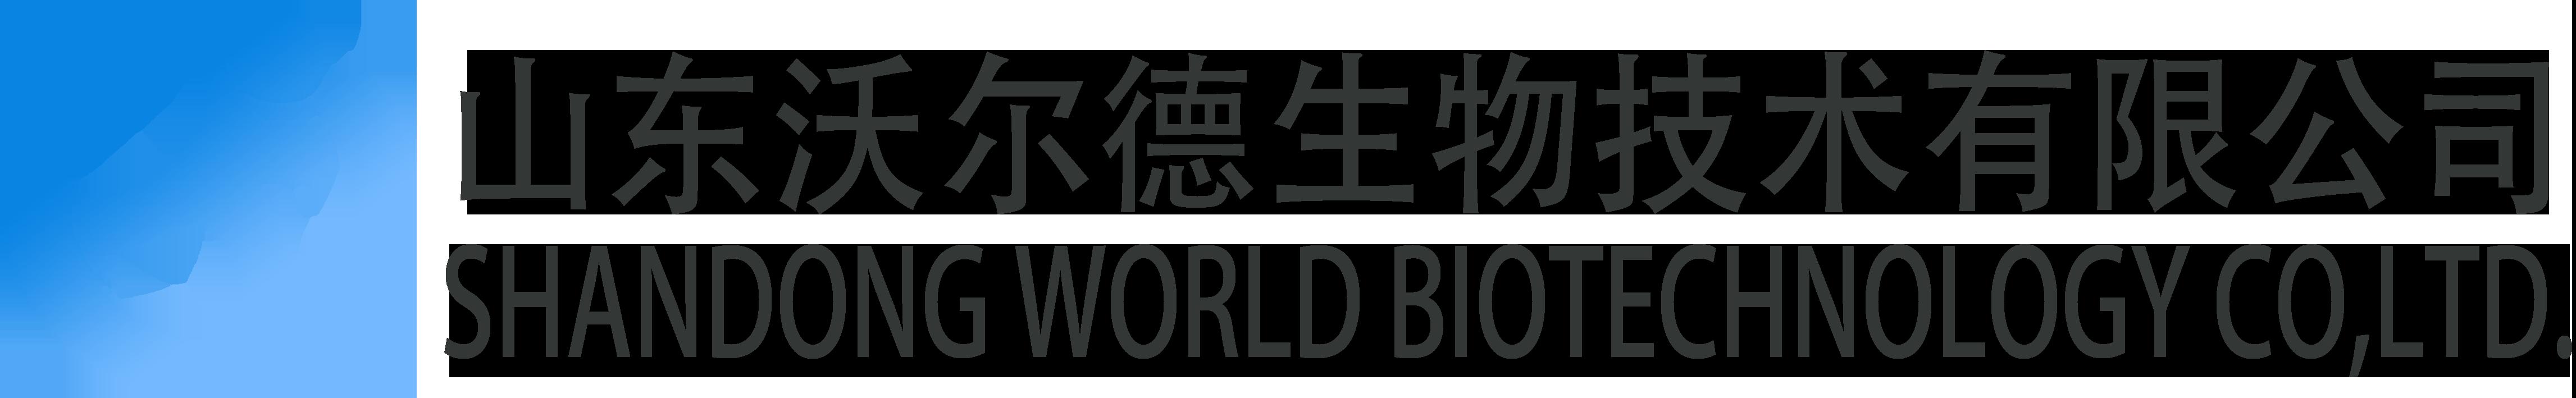 山东沃尔德生物技术有限公司_官网